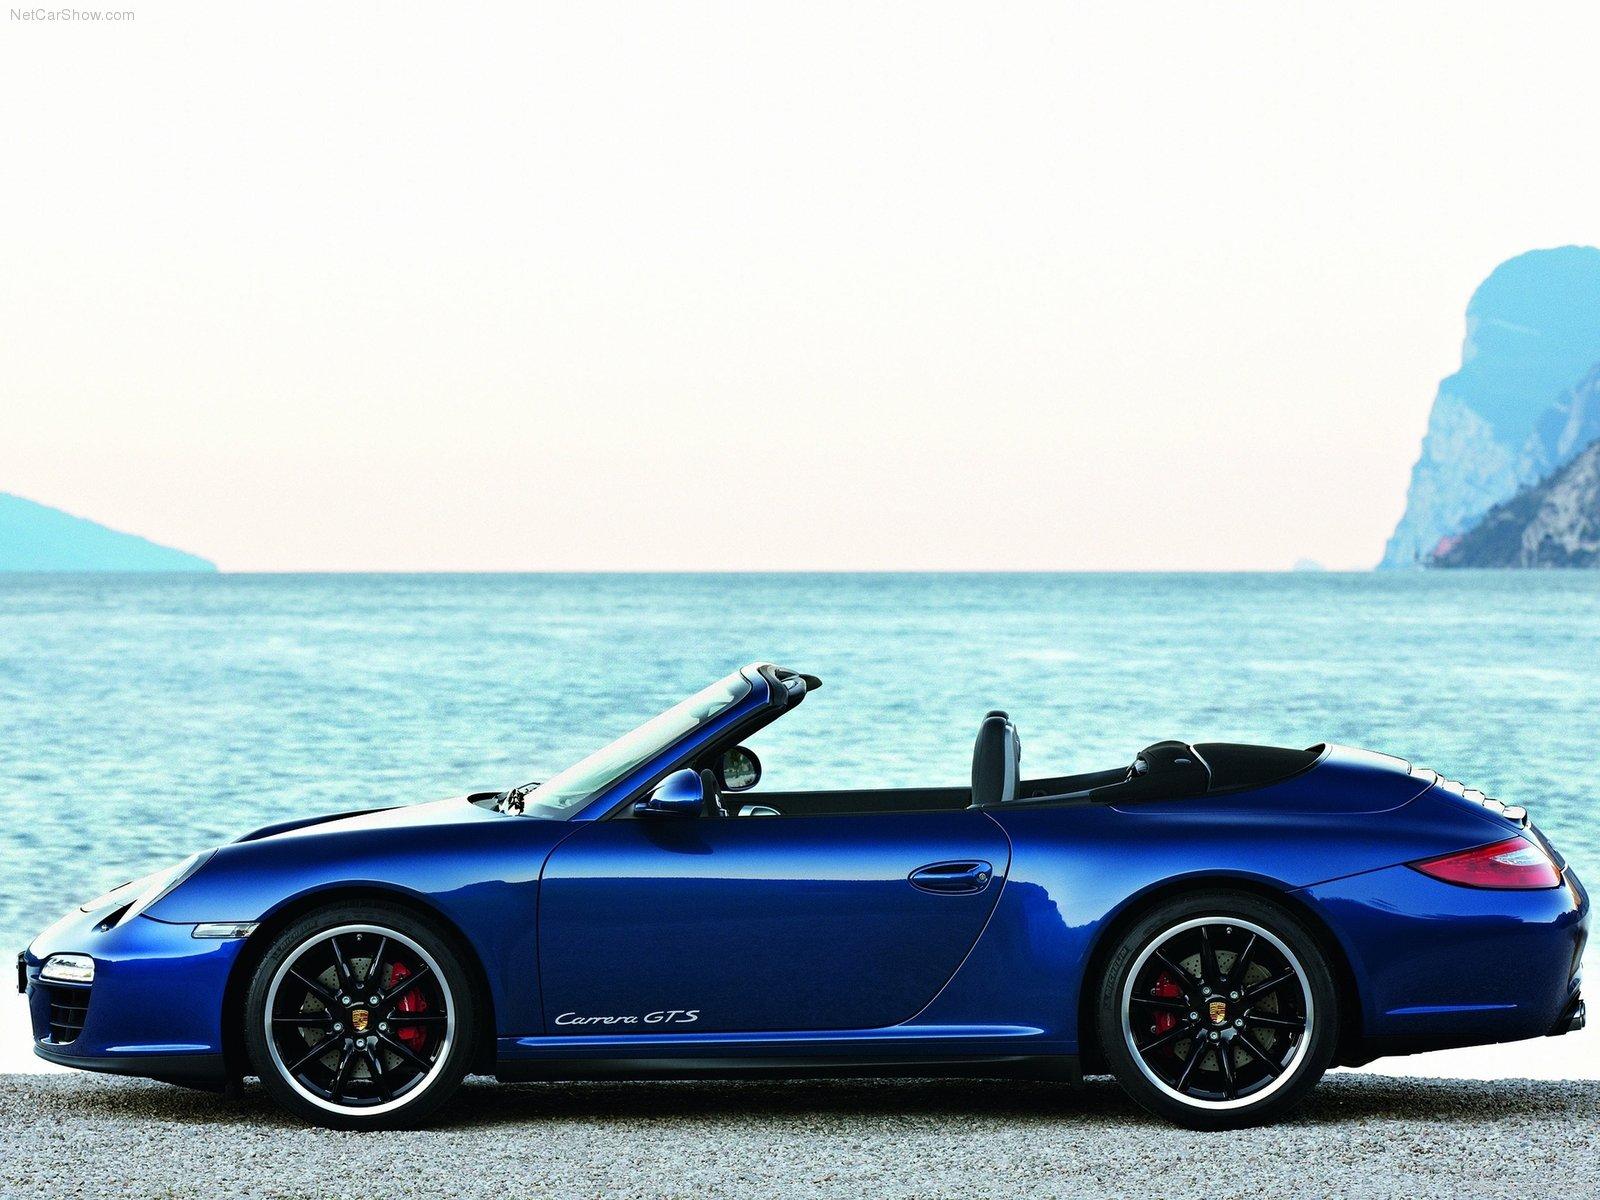 2011 Blue Porsche 911 Carrera Gts Wallpapers